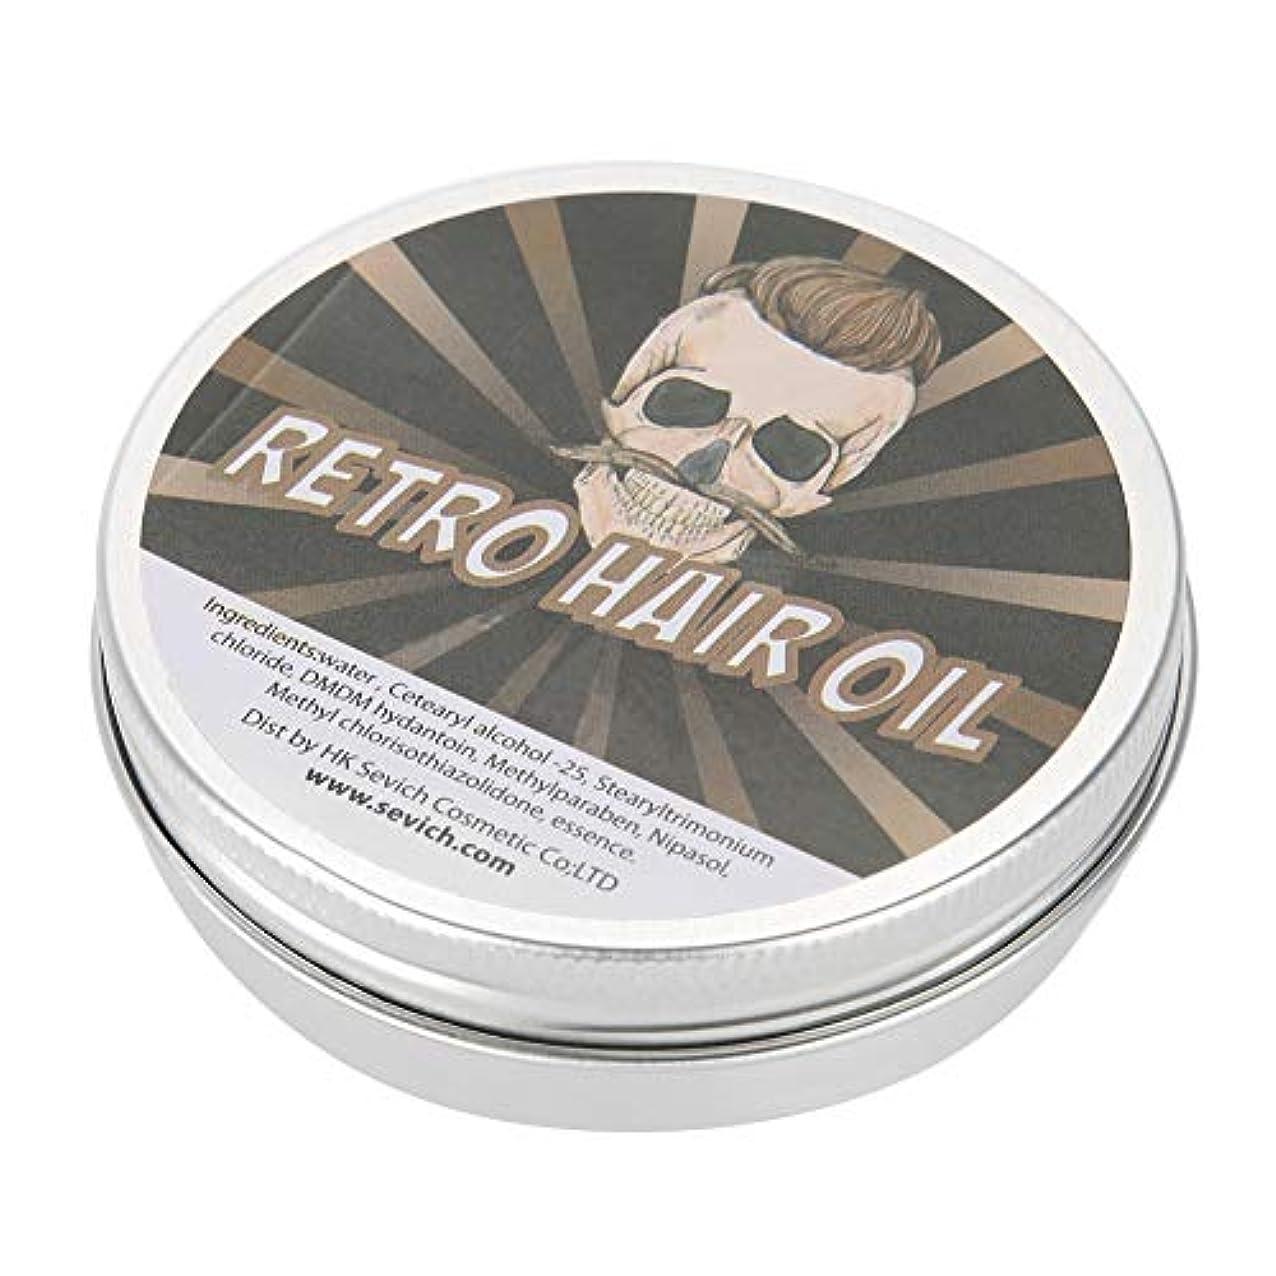 起訴する起きているヘアワックス パーフェクトロング 永続的なヘアワックス 水ベースのヘアスタイリング ポマードヘアモデリングワックス